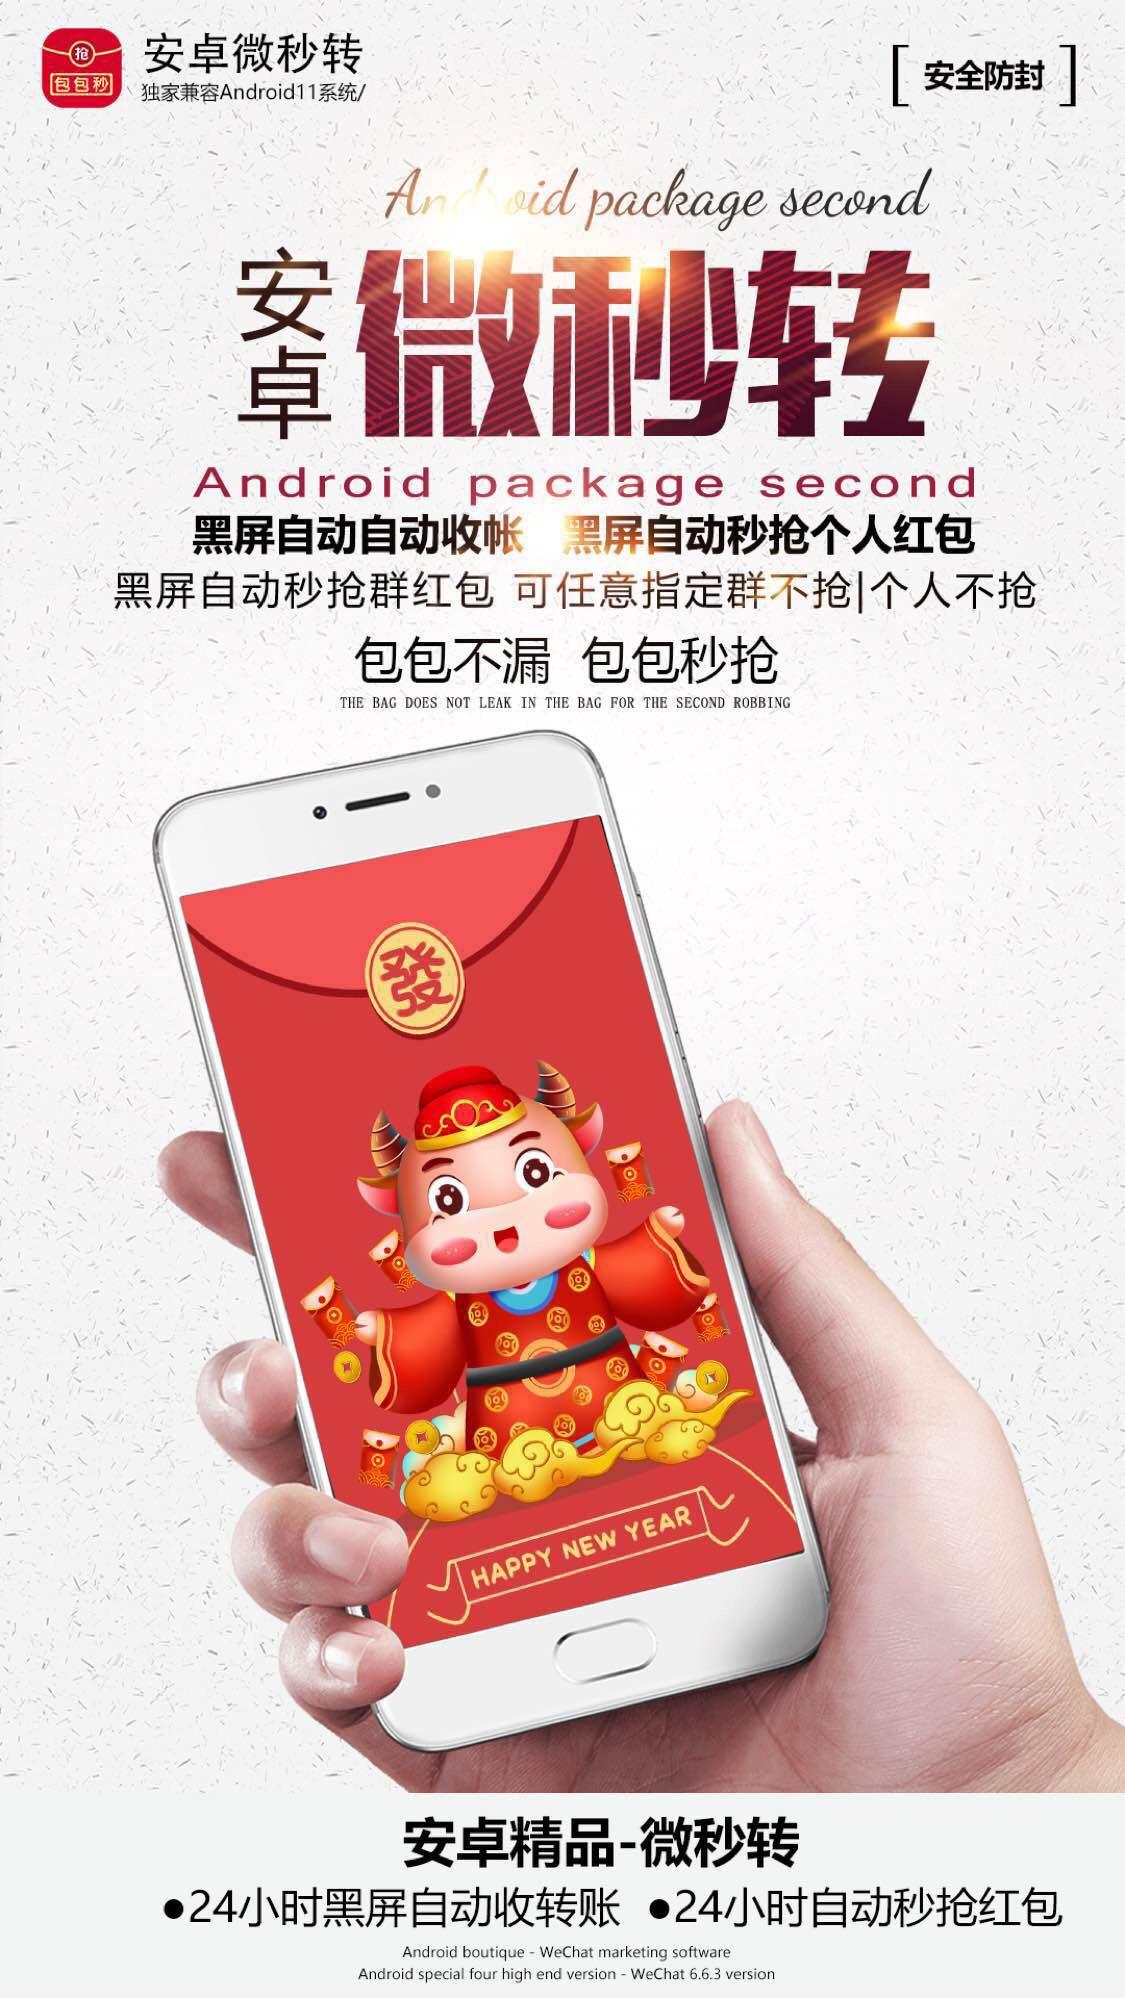 【安卓微秒转激活码】独家兼容Android11系统/自动抢包